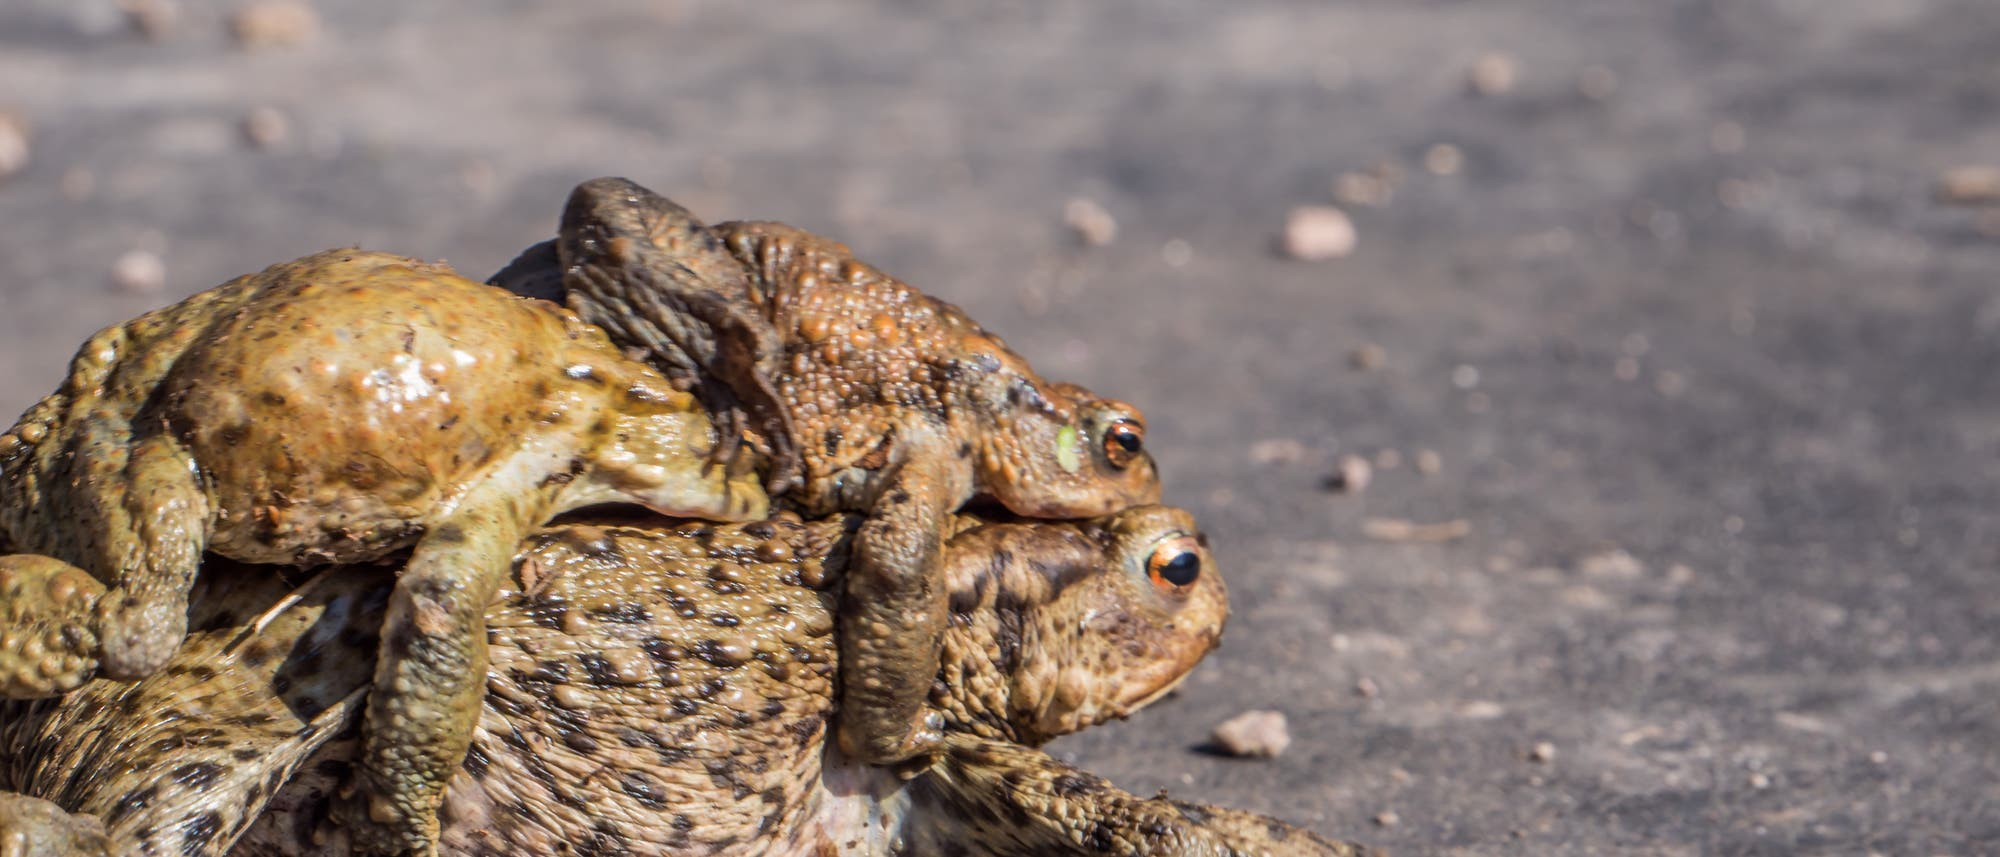 Erdkröten begeben sich im Frühjahr auf Wanderung.